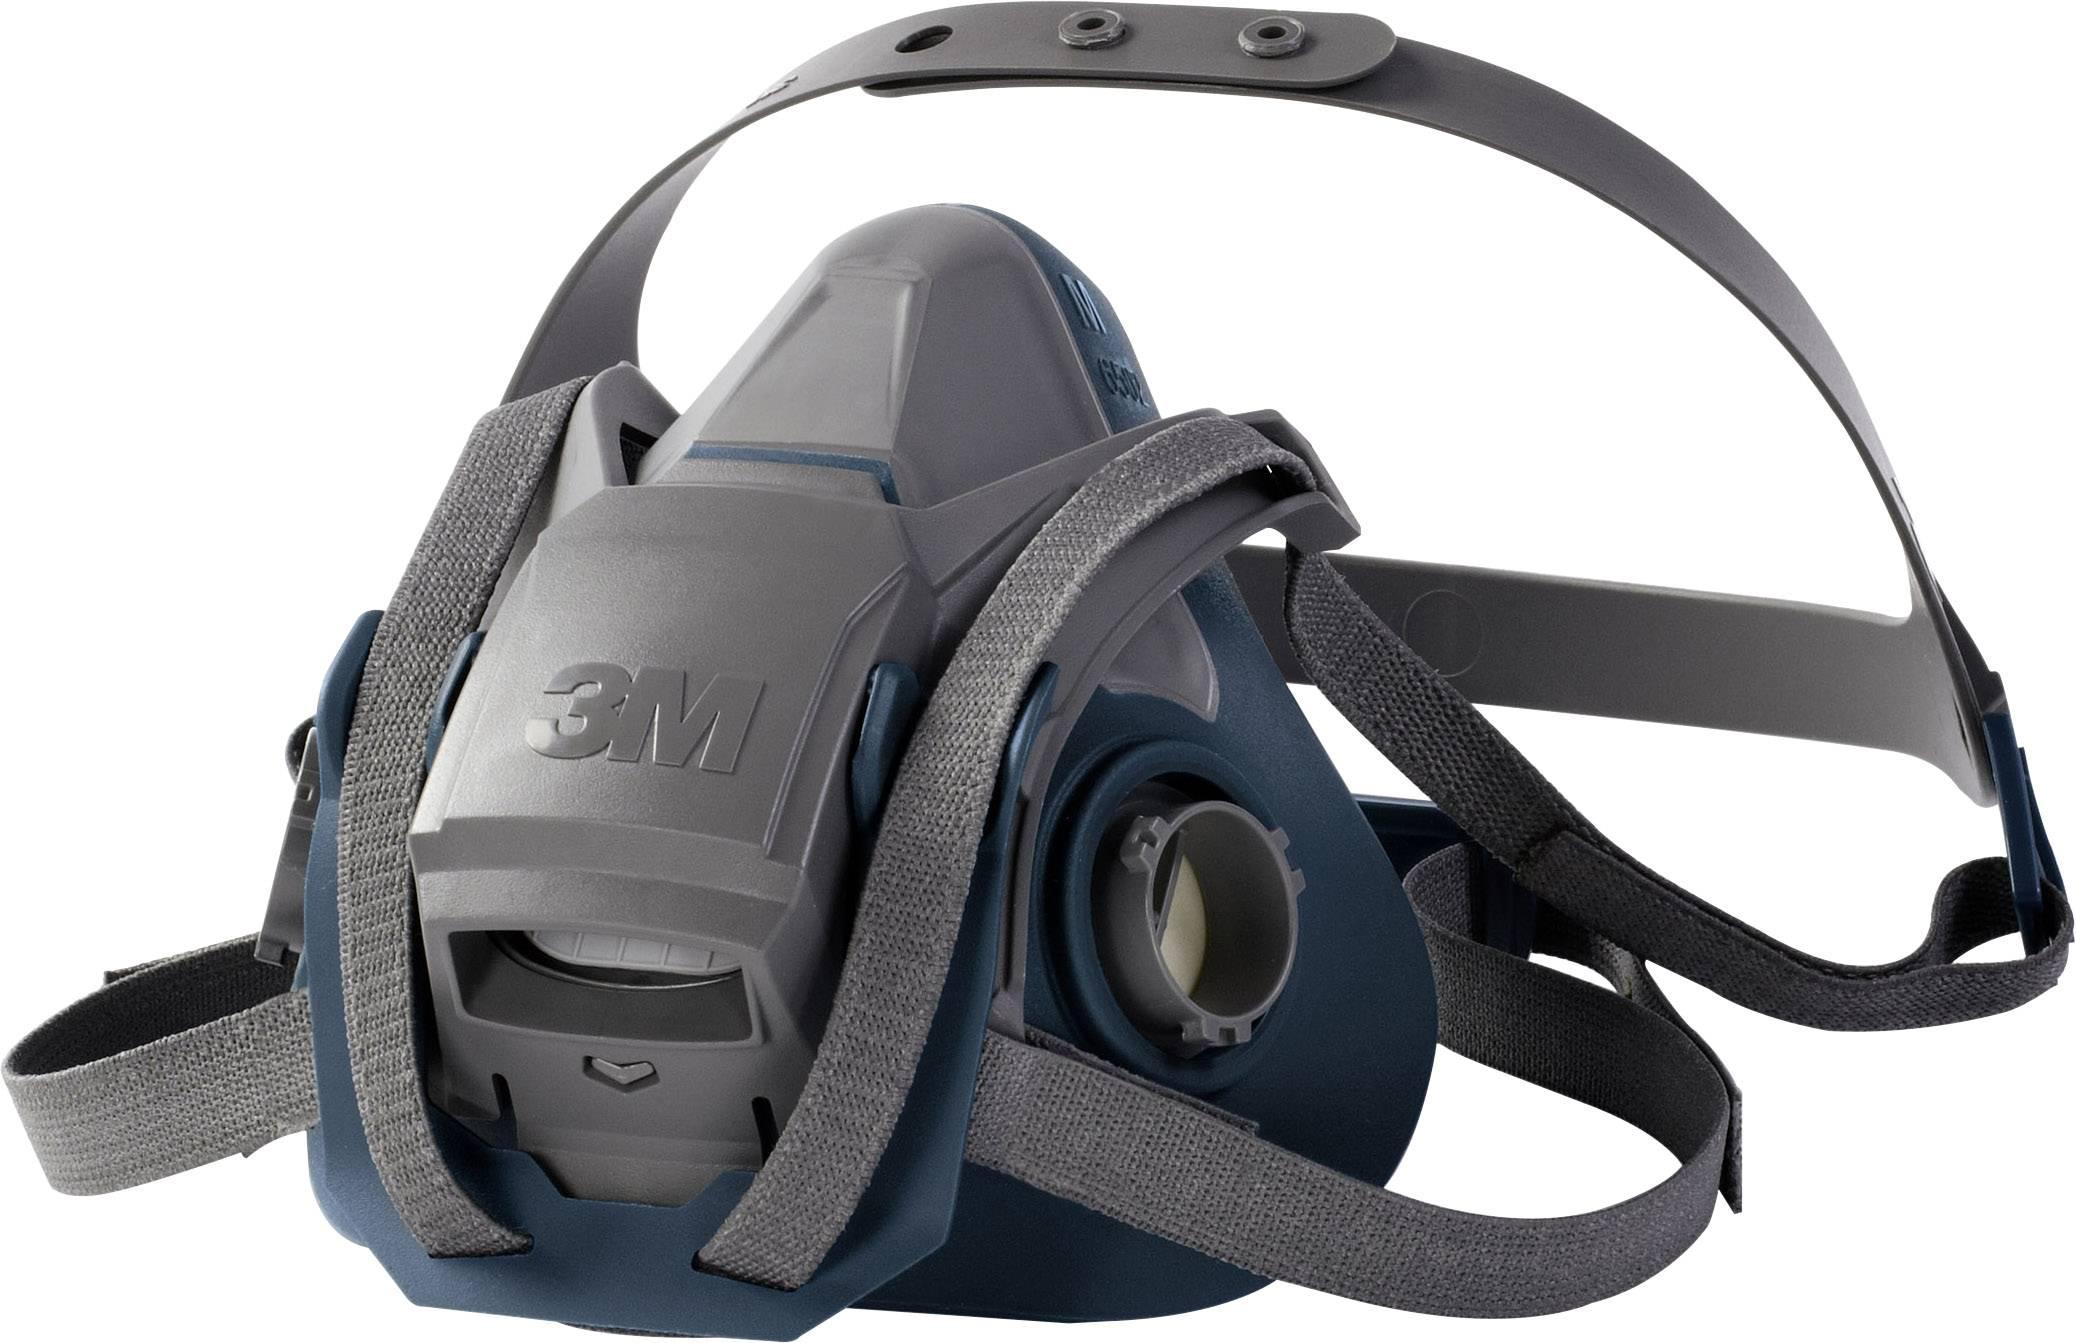 Ochranná maska poloobličejová 3M 6503 QL 70071668159, bez filtru, vel. L